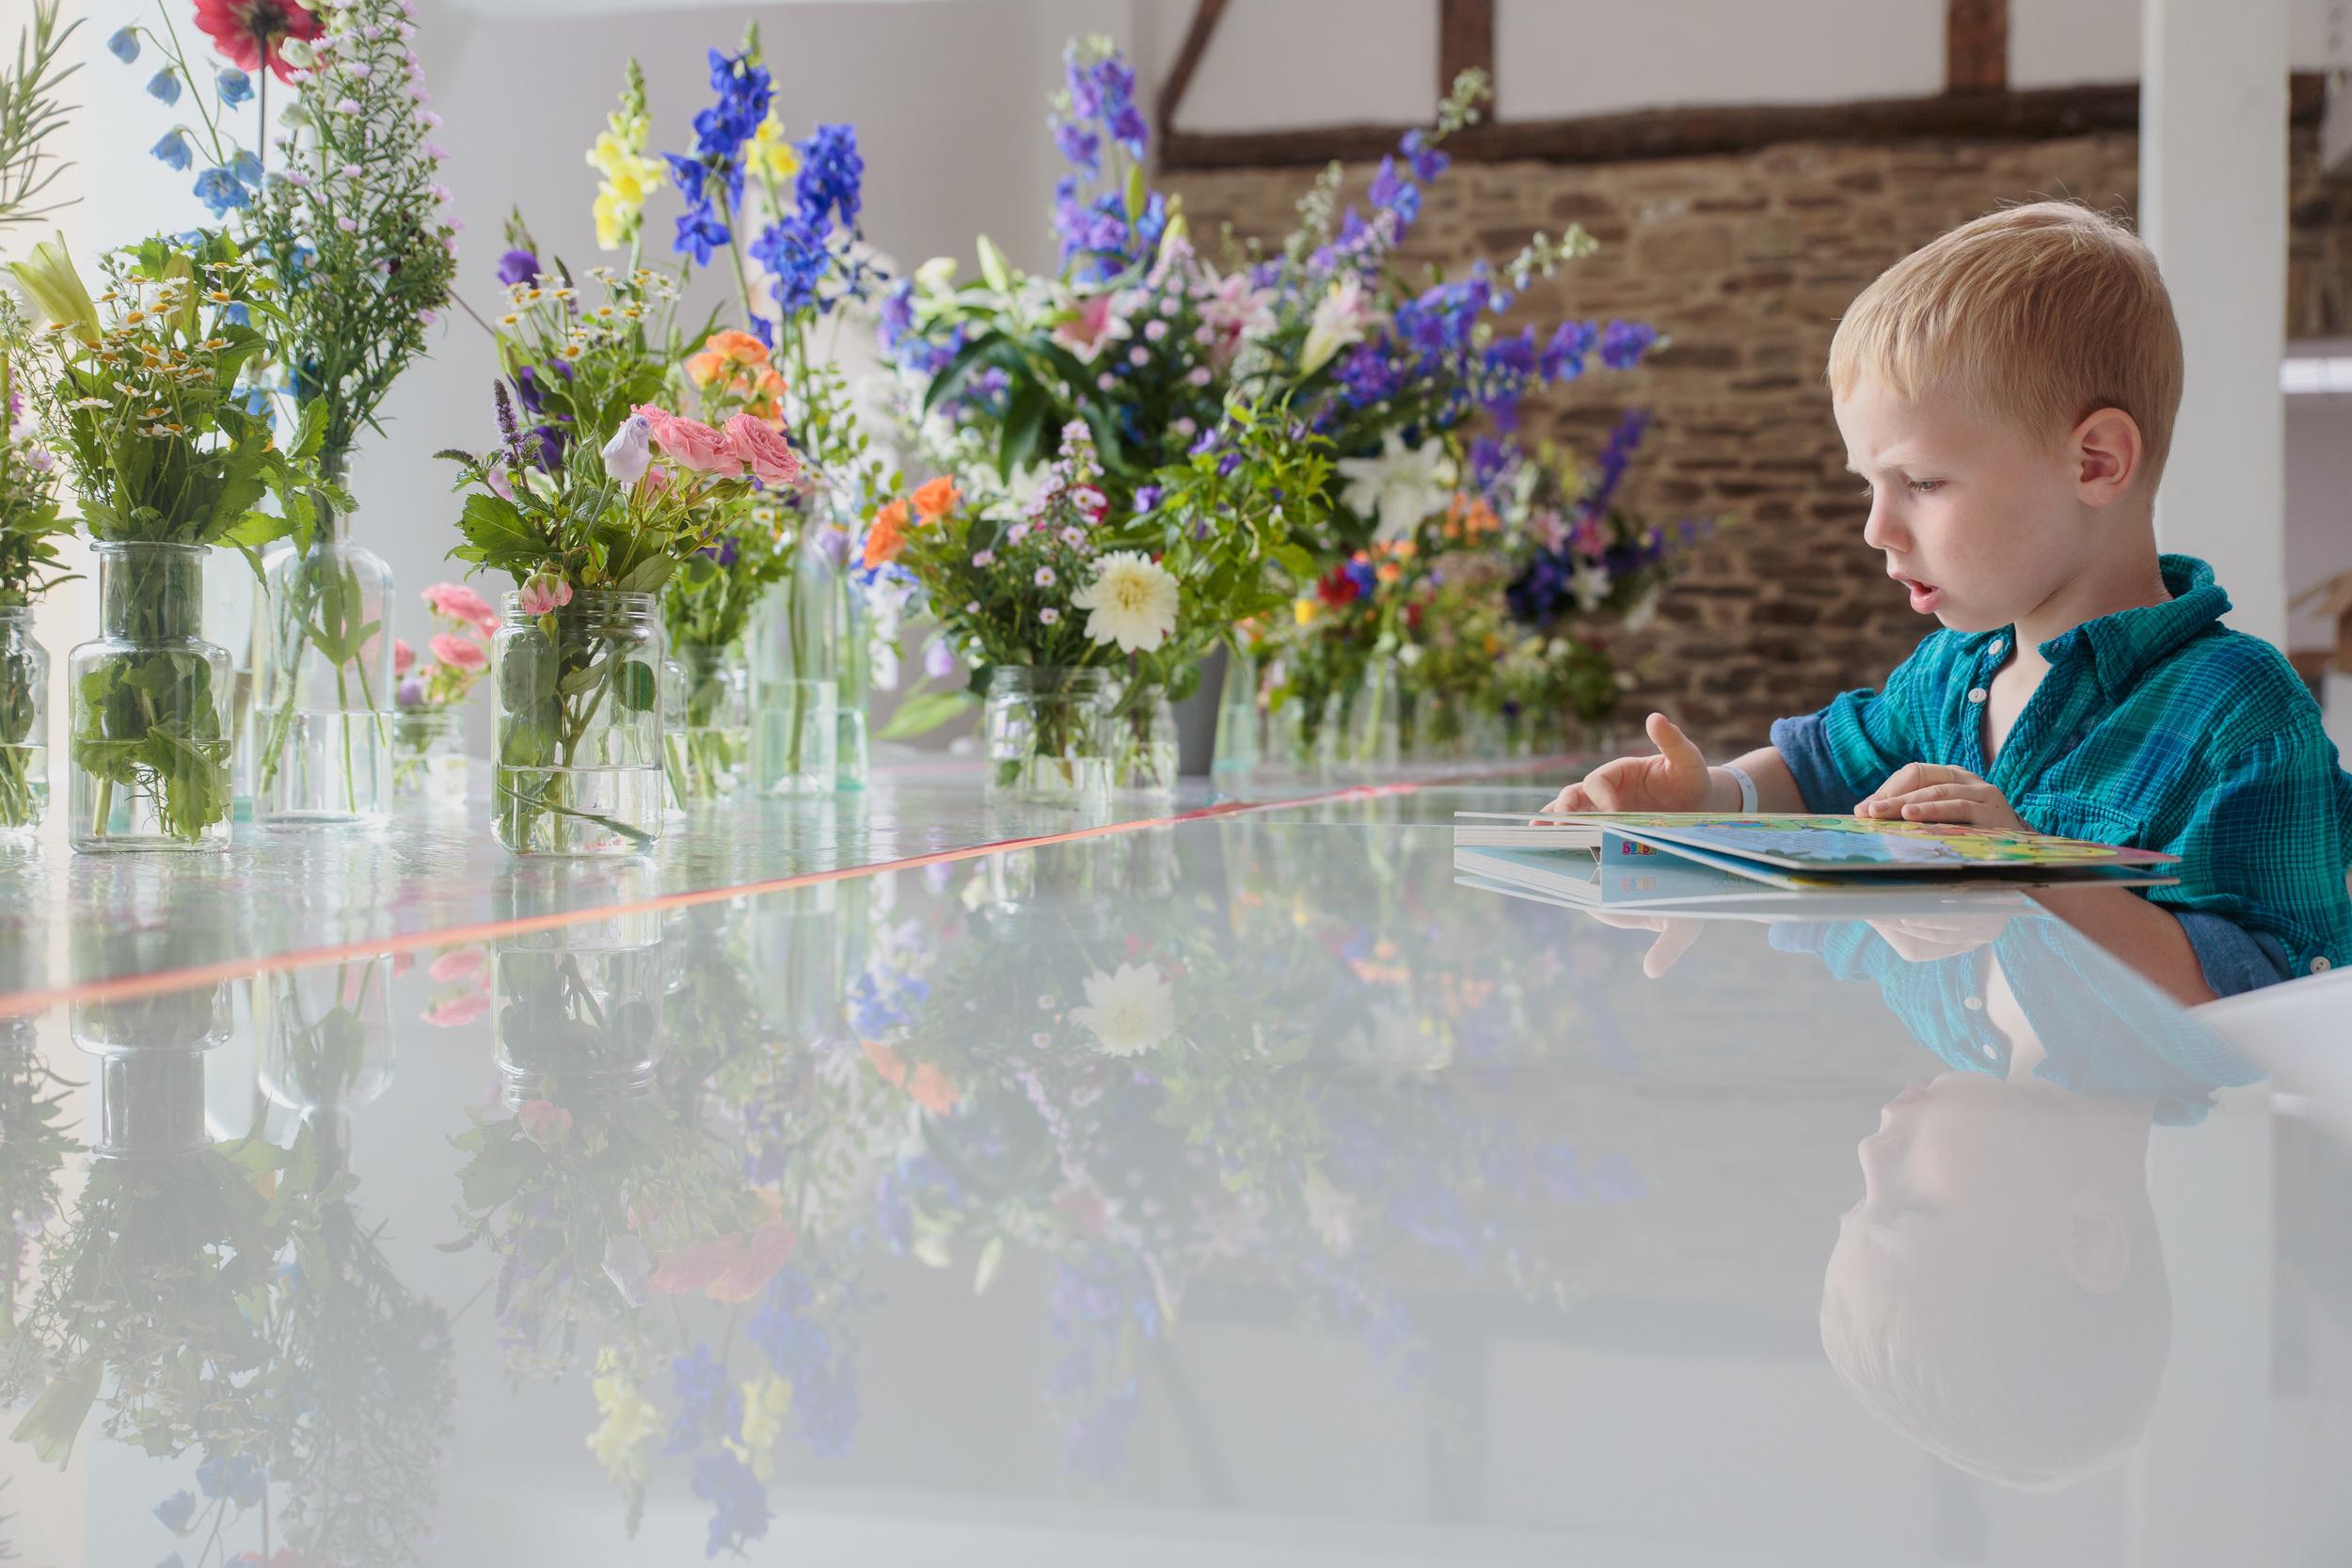 Karin en Vincent (woonachtig in het verre Uden, NL) kozen voor een huwelijk in de exotische Ardennen (Sechery) en bijpassende exotische Belgjes iso800 als fotografen. Met het hele gezin en een meute vrienden, familie en sympathisanten zetten ze een heel weekend lang de geweldige feestzaal op stelten. Kindje eest boek bij de tafel vol bloemen.